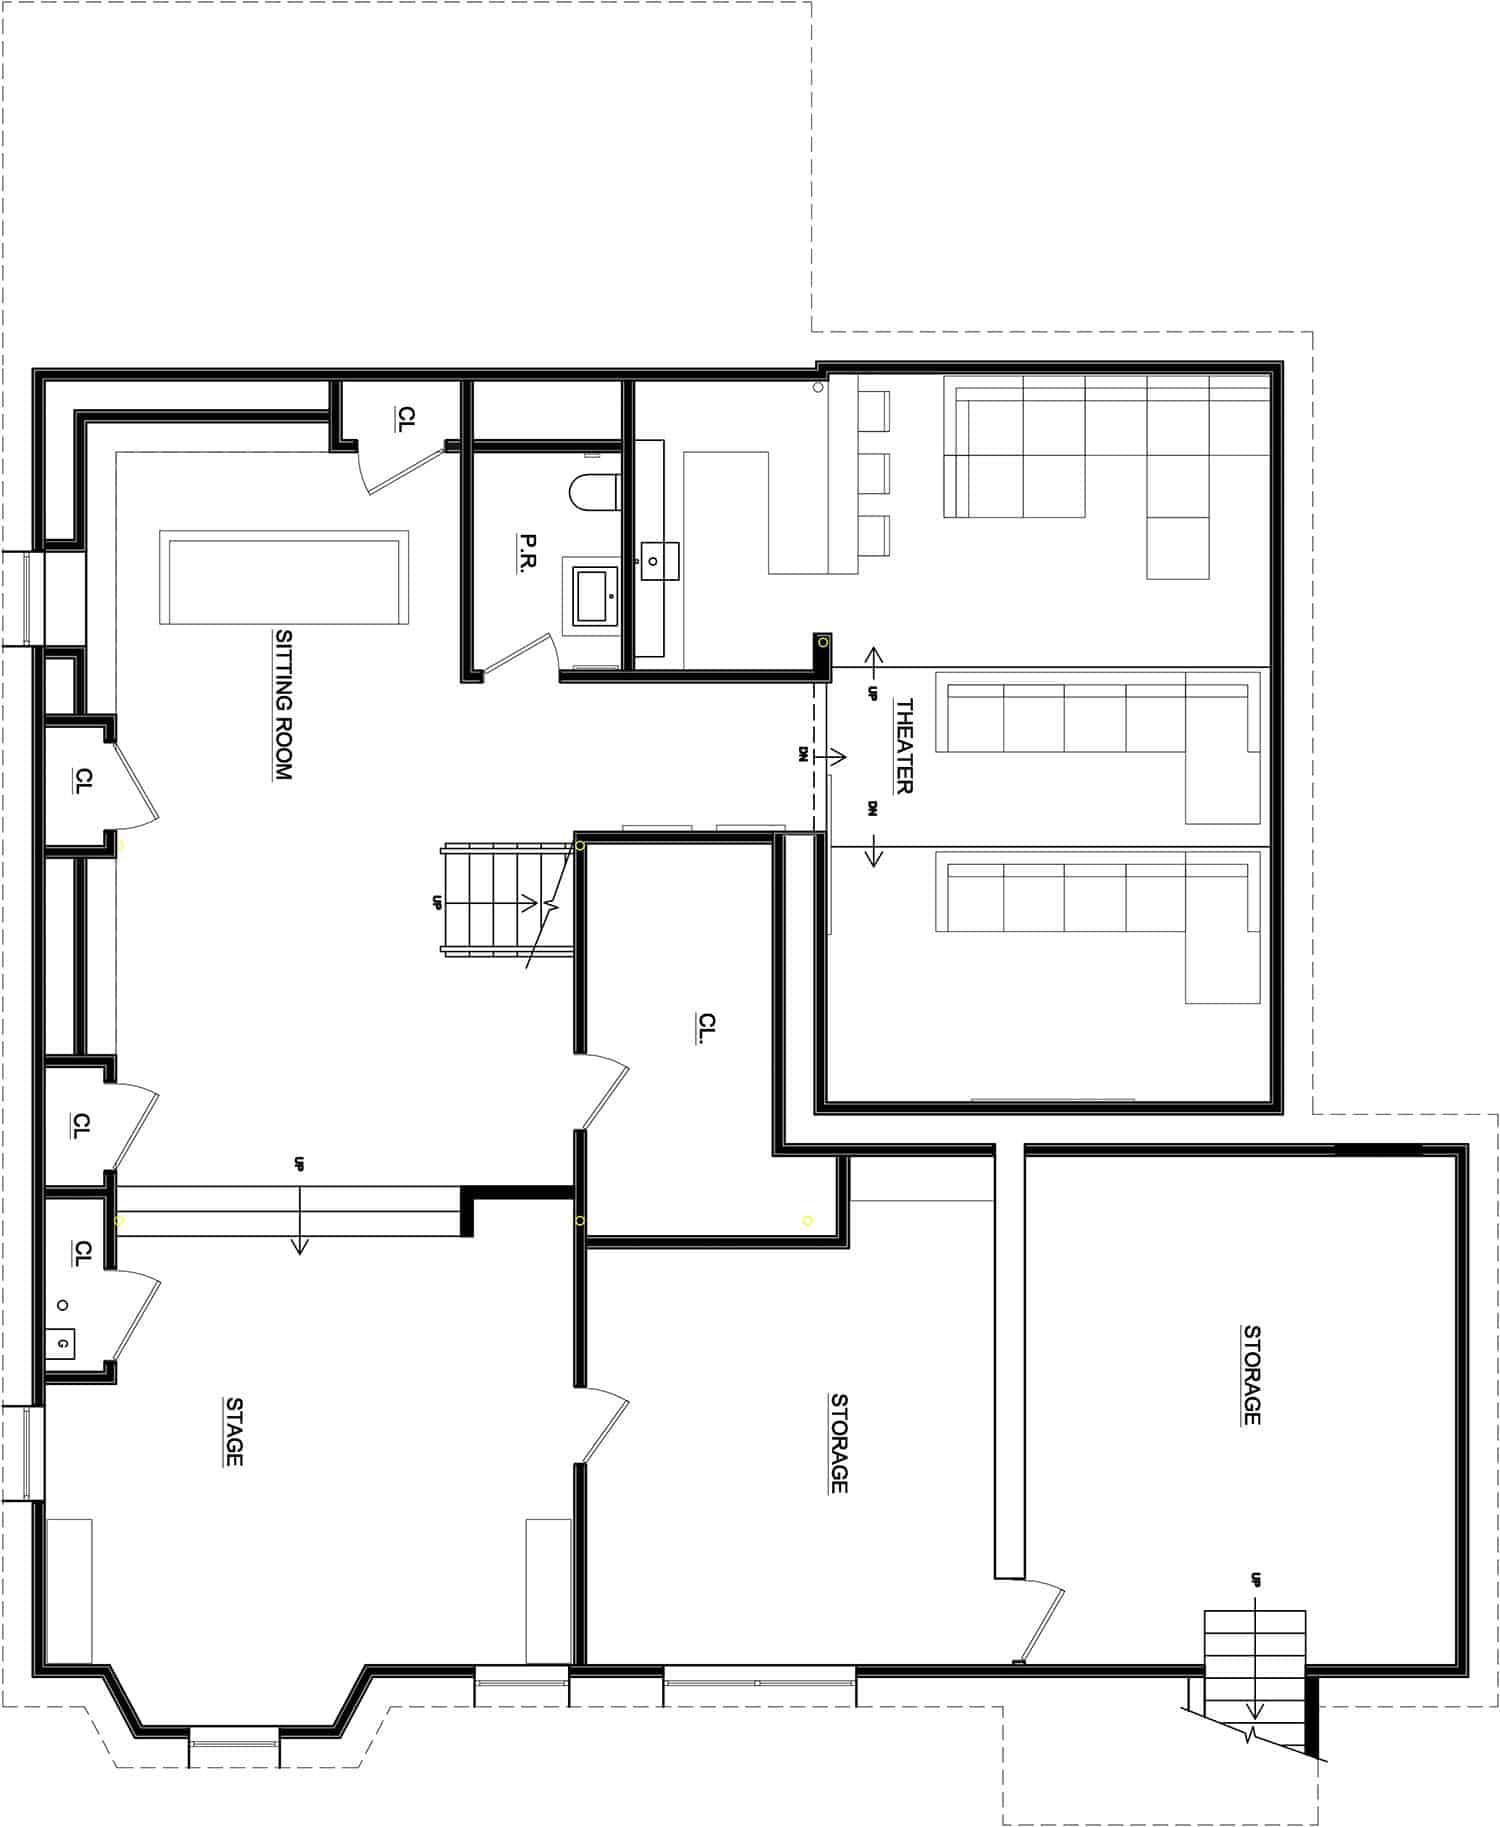 plan-d-étage-maison-durable-contemporaine